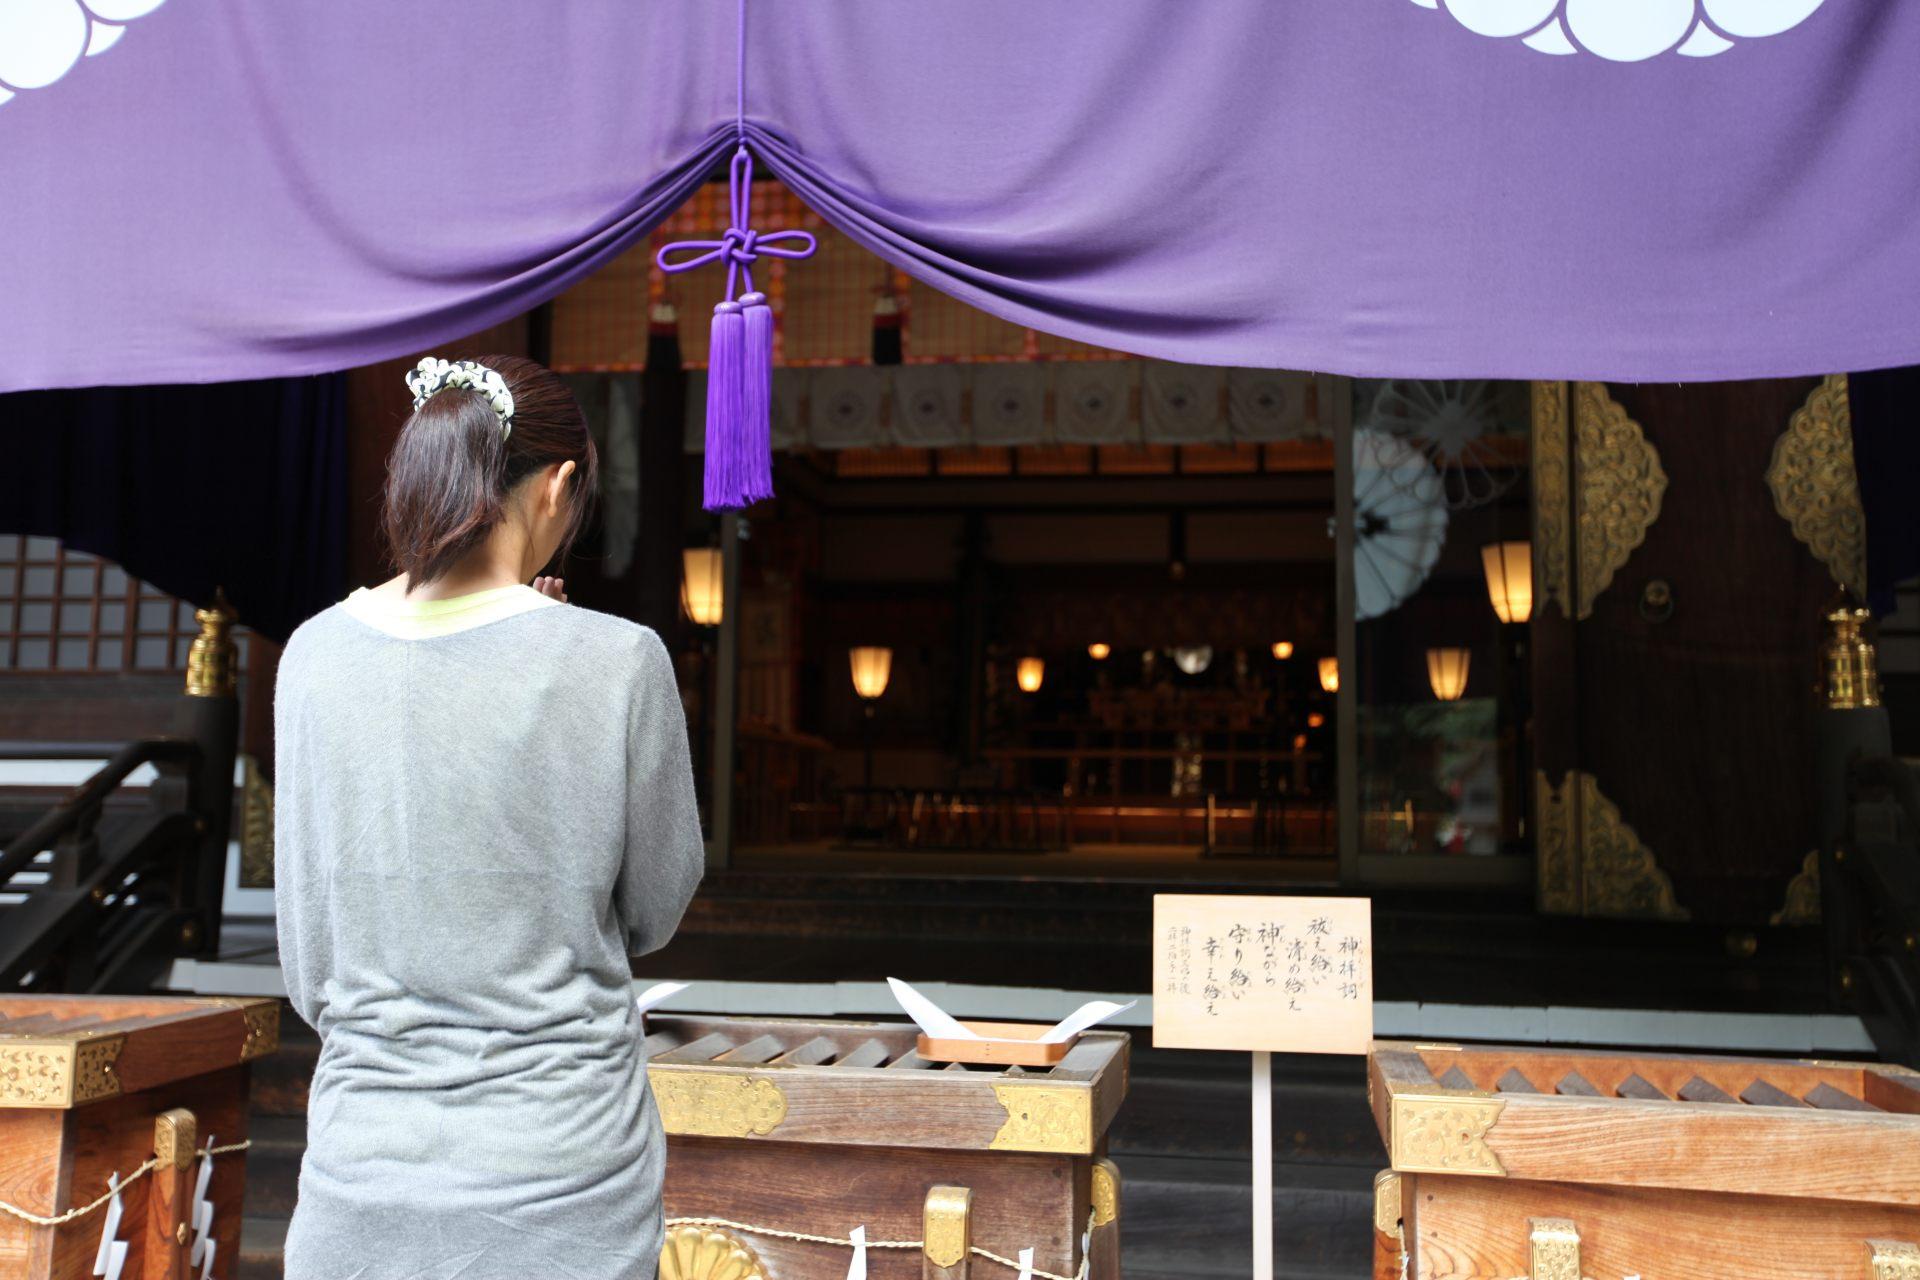 Tokyo Daijingu, Romance, Romantic Matching, Prayers